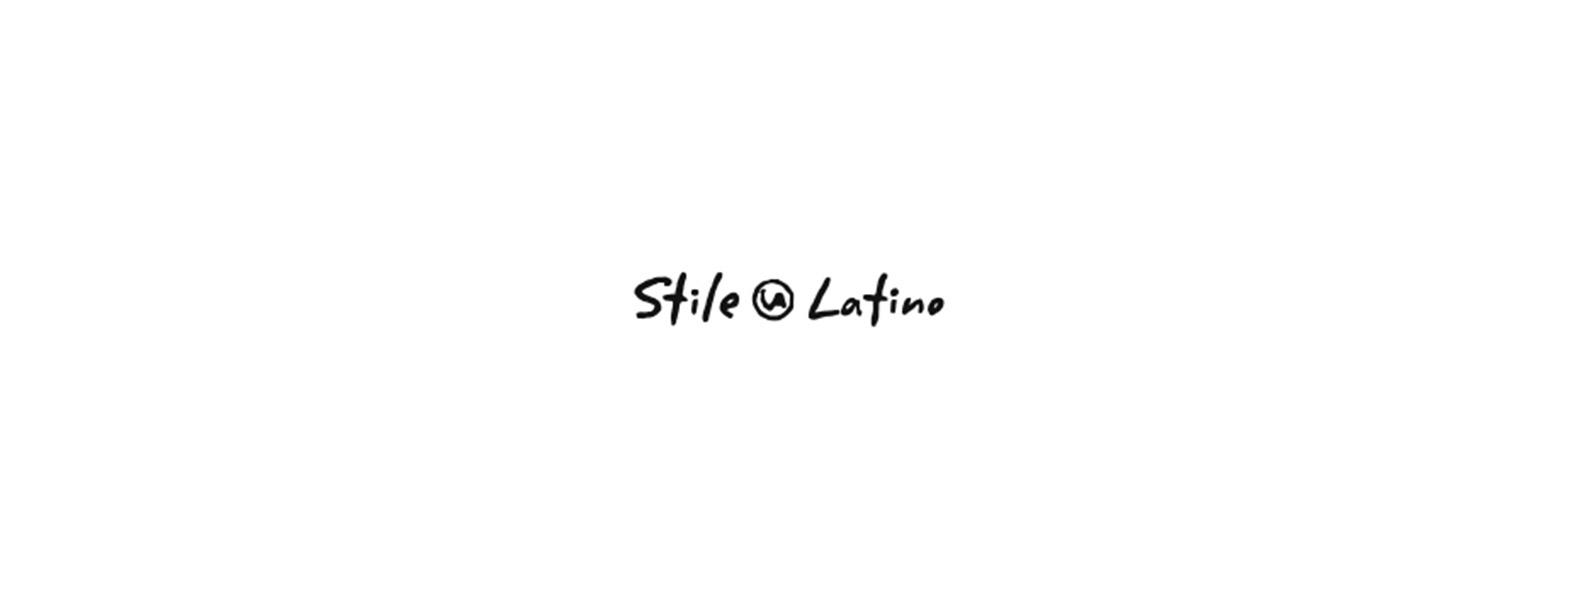 Stile Latino